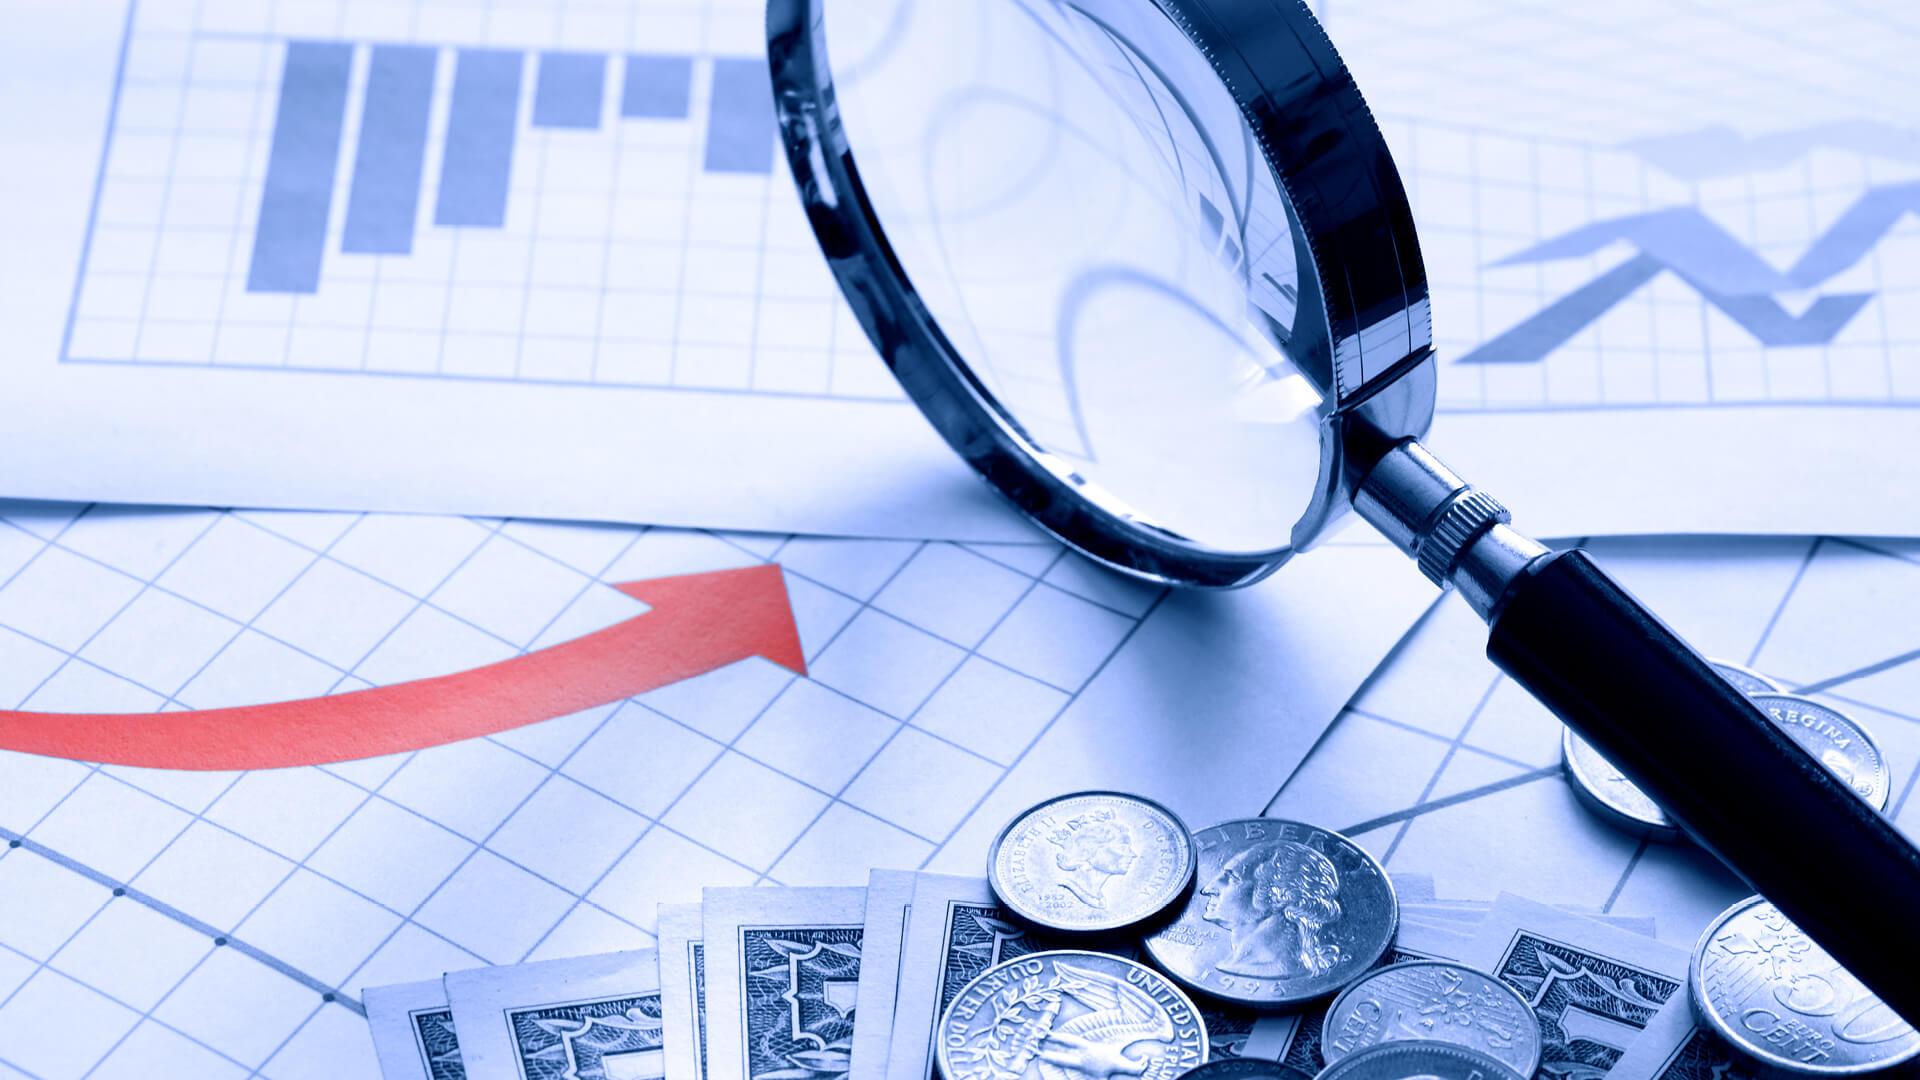 Enerqos settore banche assicurazioni